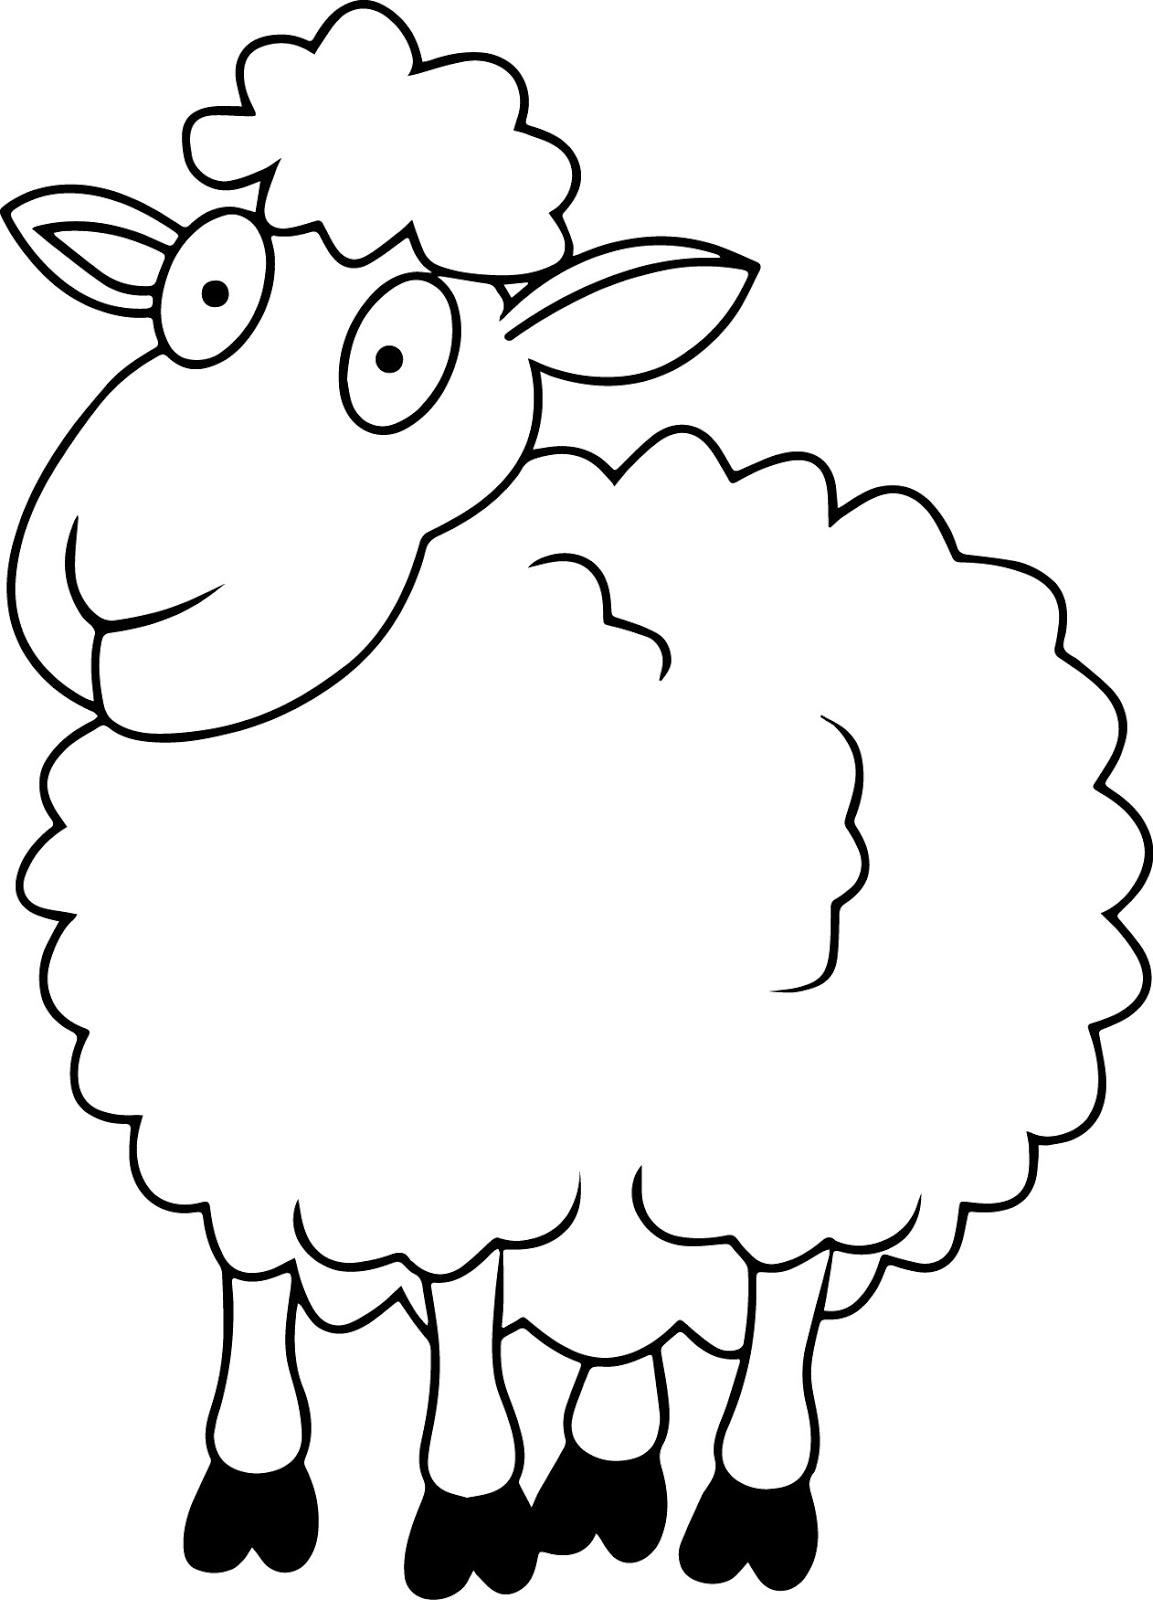 lamb coloring pages free printable sheep coloring pages for kids lamb pages coloring